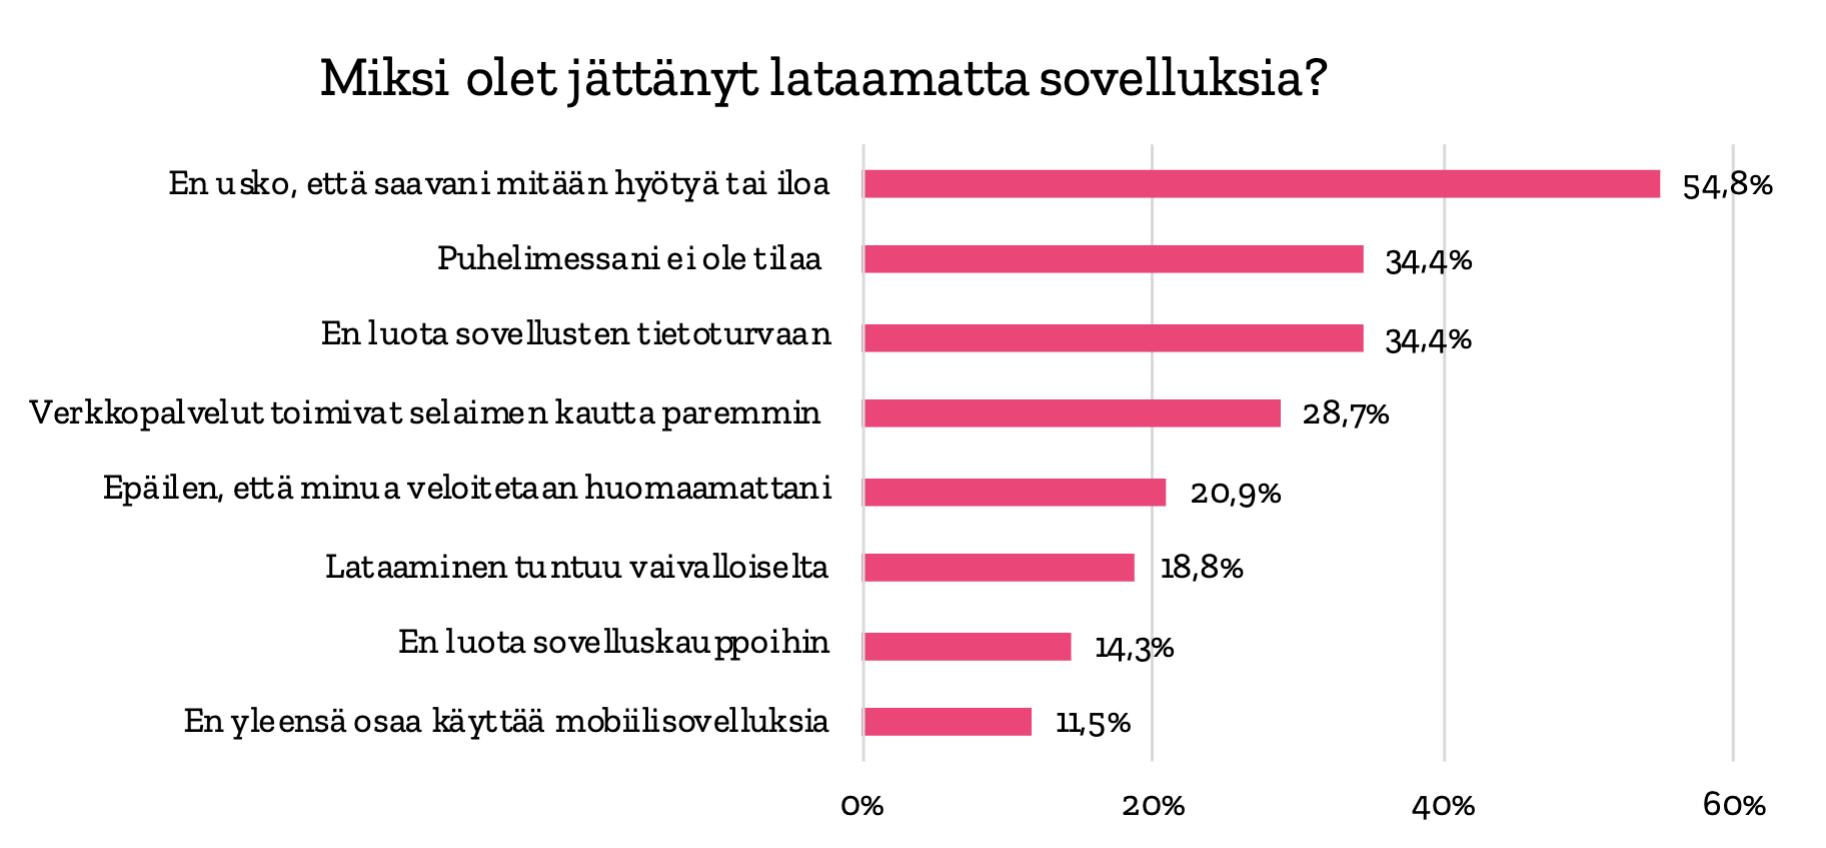 suomalaisten syitä jättää sovellus lataamatta